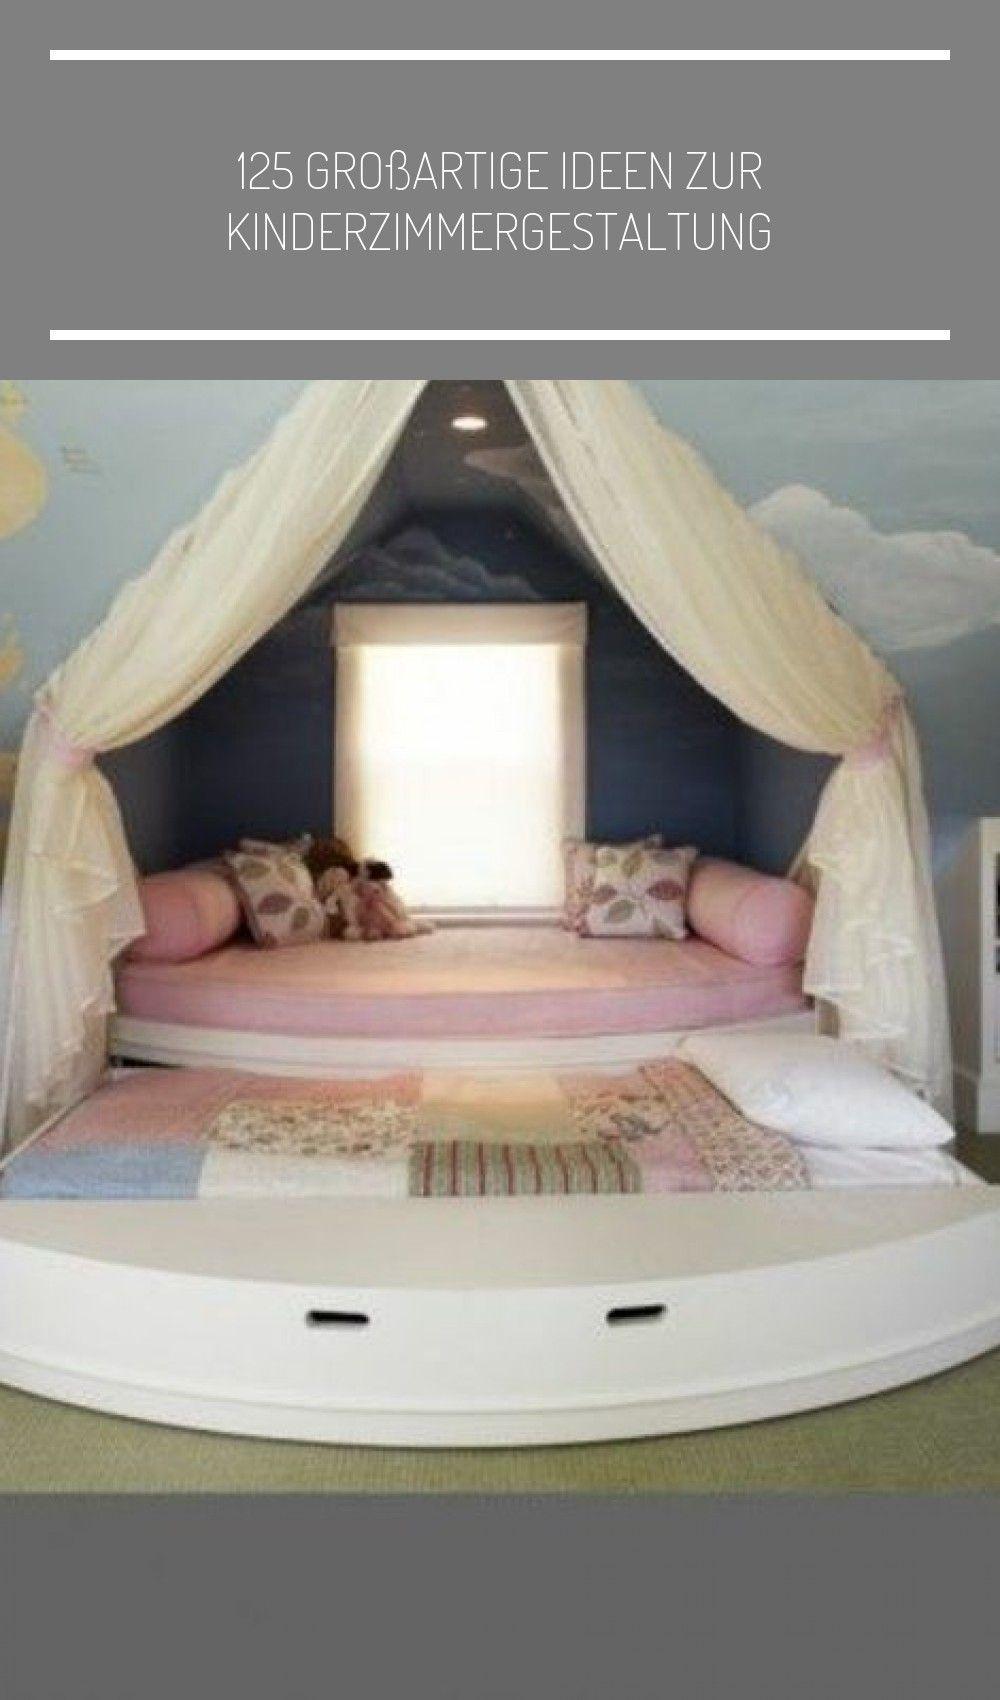 Himmelbett Wolken Auf Der Decke Kinderzimmer Einrichtung Kinderzimmer Ideen Jun Auf D Kinder Zimmer Schlafzimmer Madchen Betten Fur Kinder